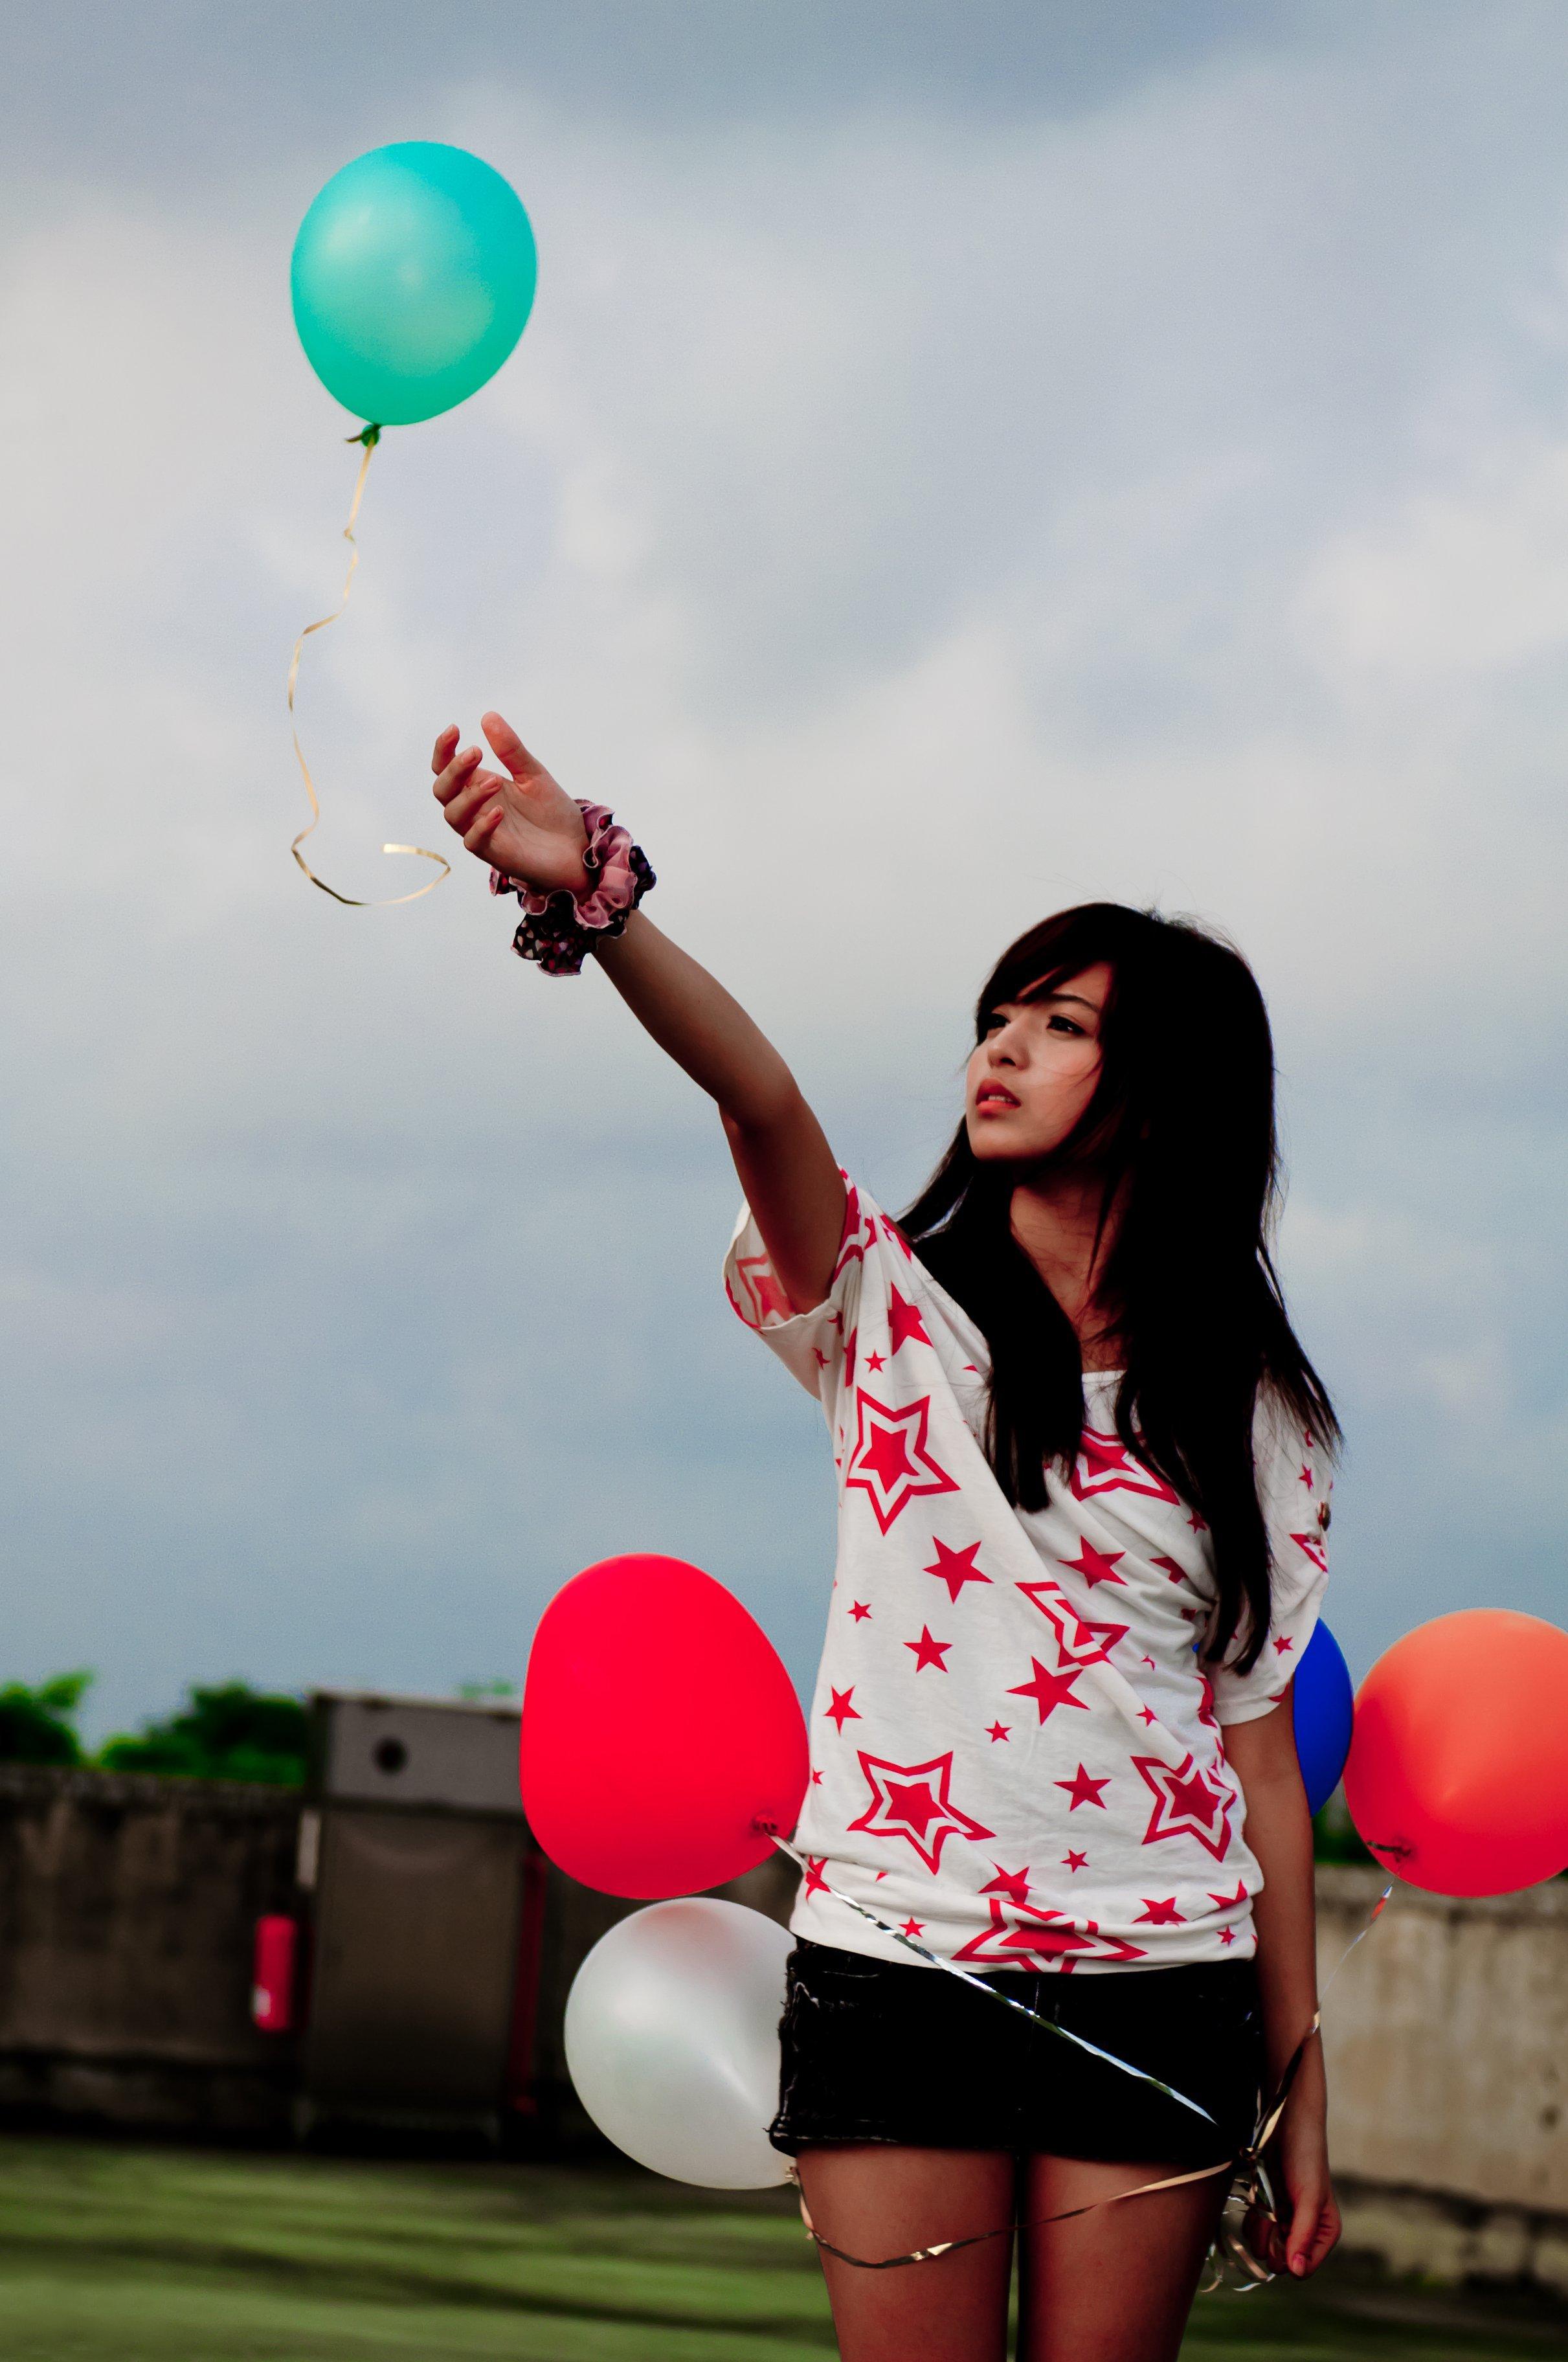 最近の台湾人女性。。。ぐうかわすぎて嫁にしたいンゴwwwwwwww(画像あり)・5枚目の画像